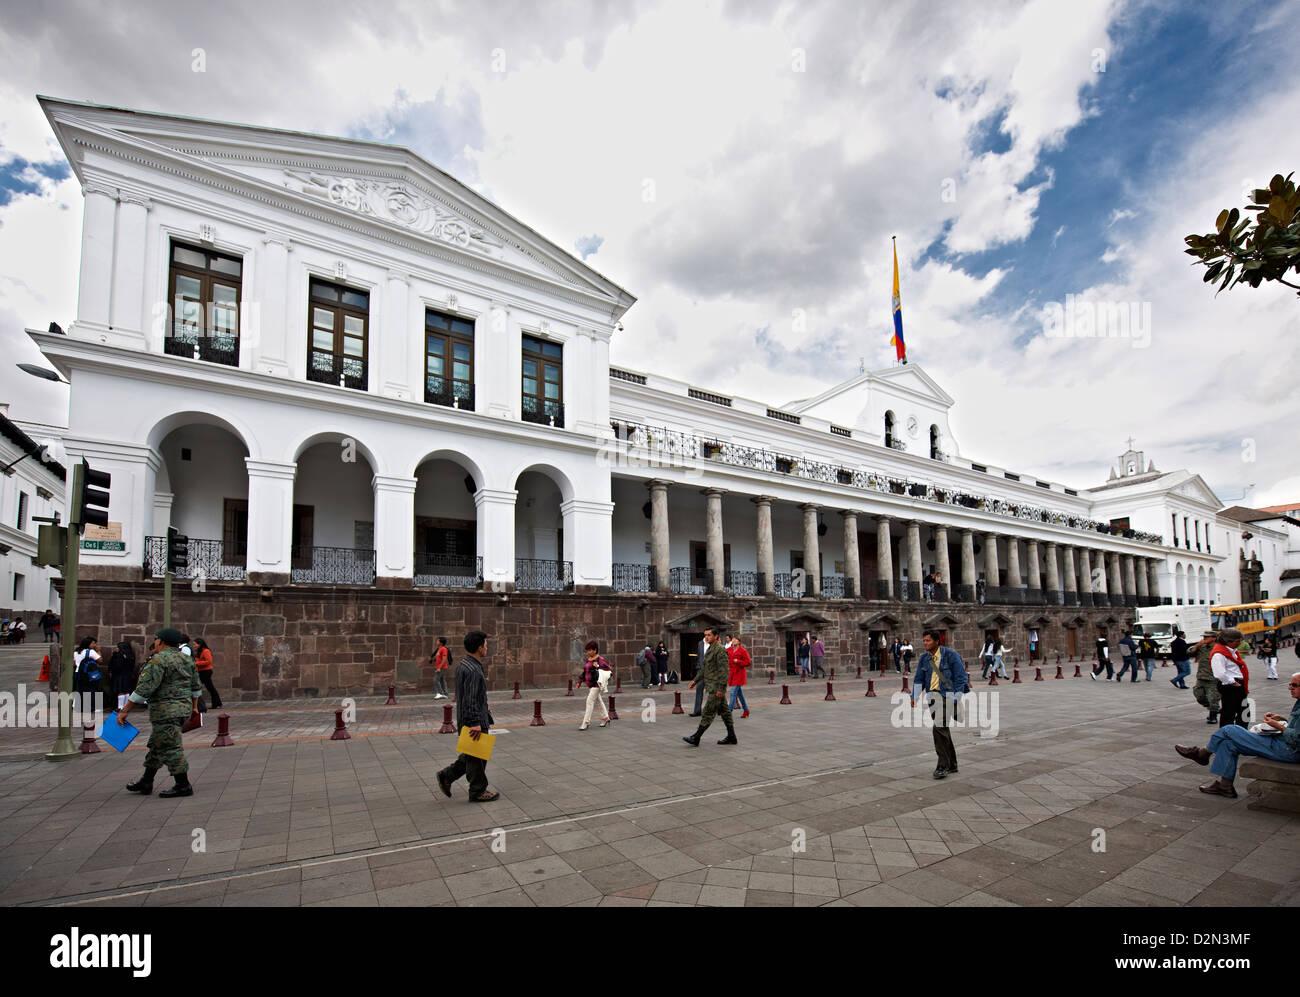 President House, historical center of Quito, Ecuador - Stock Image